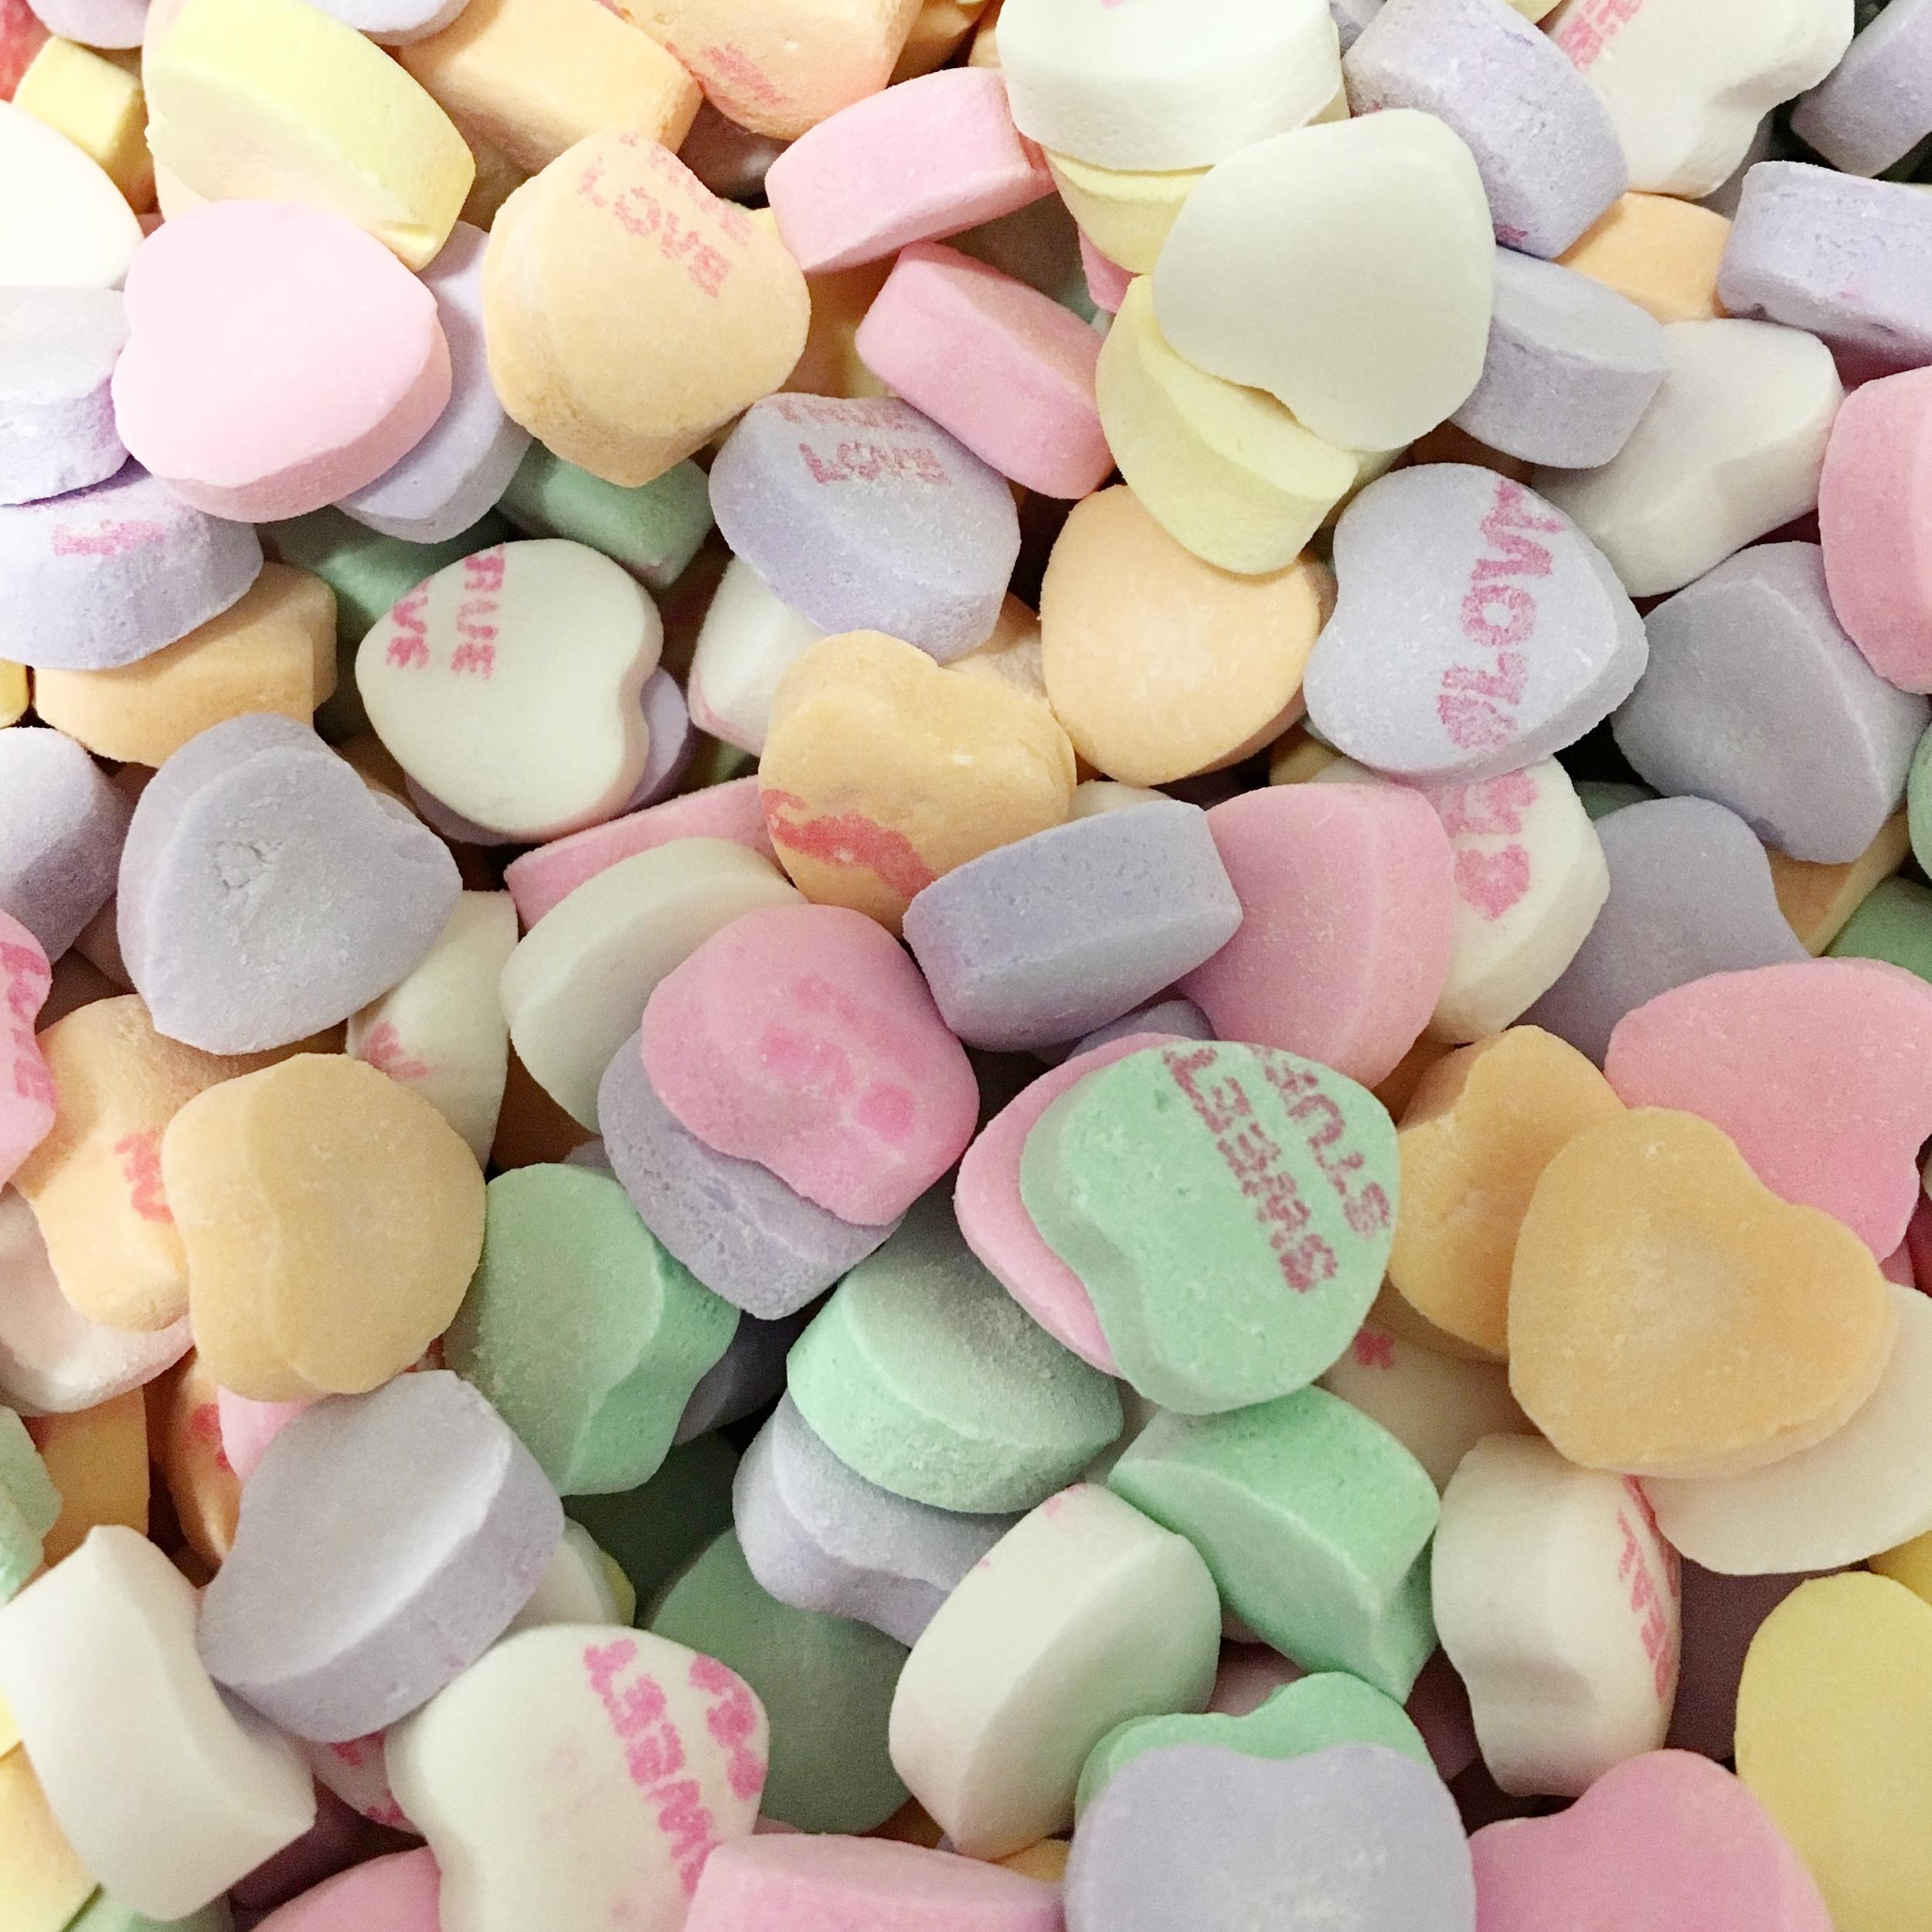 Necco Conversation Hearts    1 lb. - $4.95 1/2 lb. - $2.50 1/4 lb. - $1.25